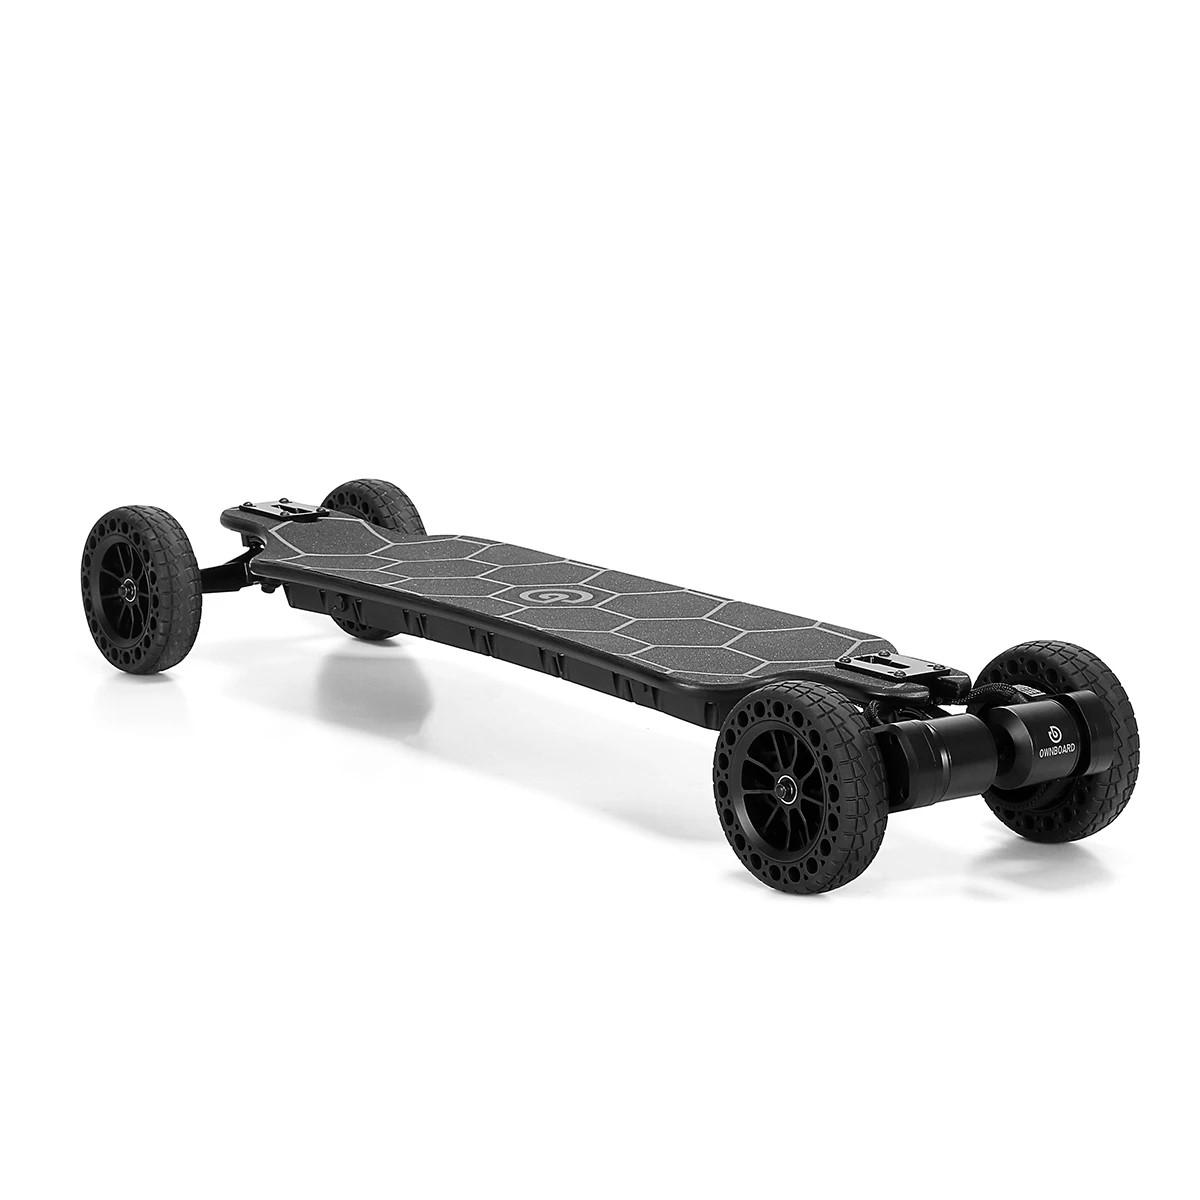 販売のお知らせ|Ownboard社 全地形対応電動スケートボード『Bamboo AT』